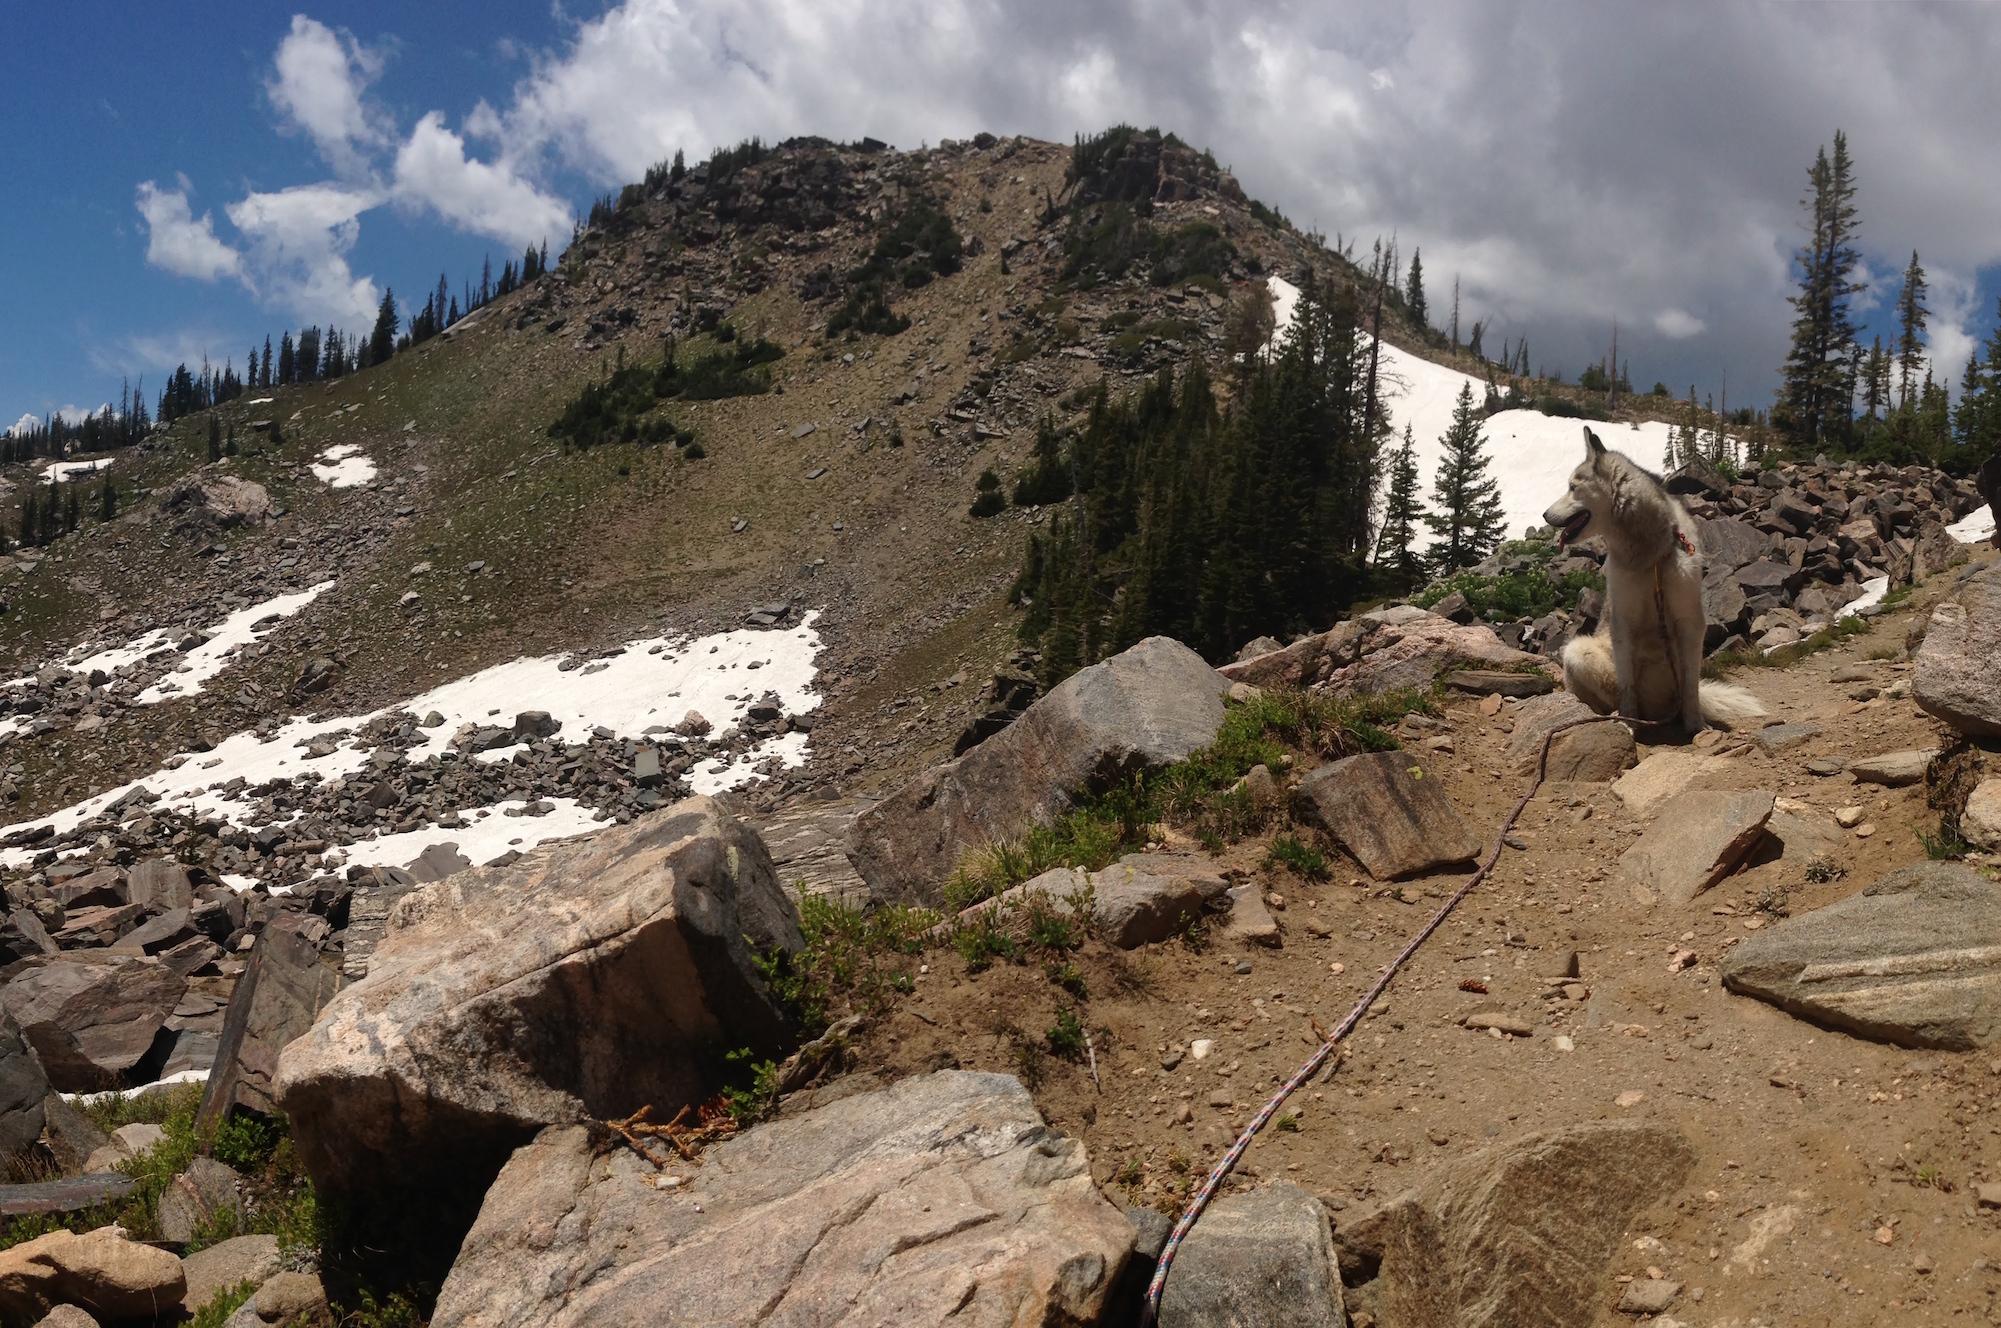 Mt Zirkel Wilderness CO